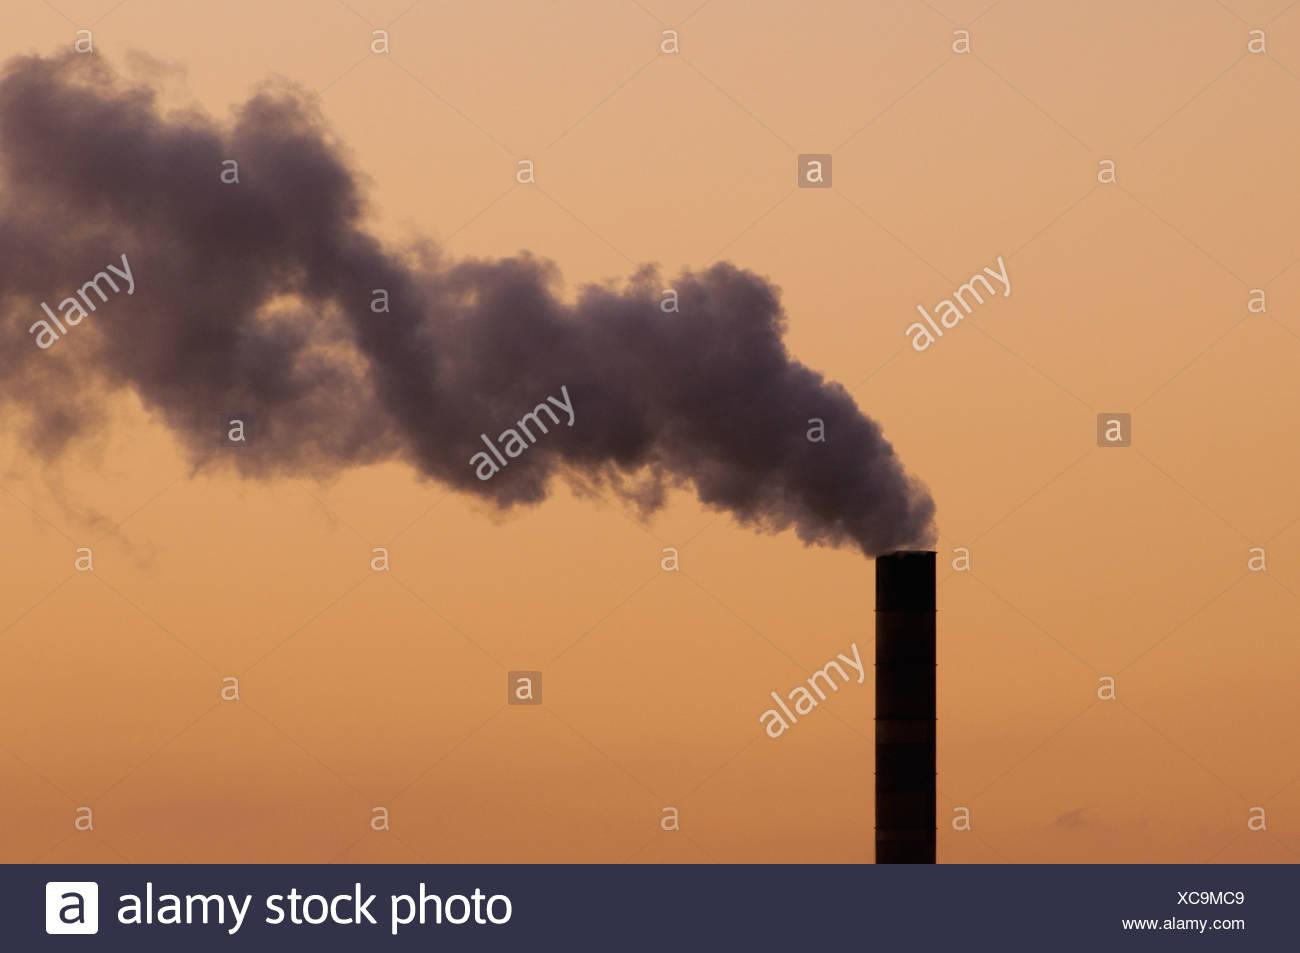 Fernandina Beach Floride USA nuage de fumée épaisse centrale électrique fonctionnant au charbon Photo Stock